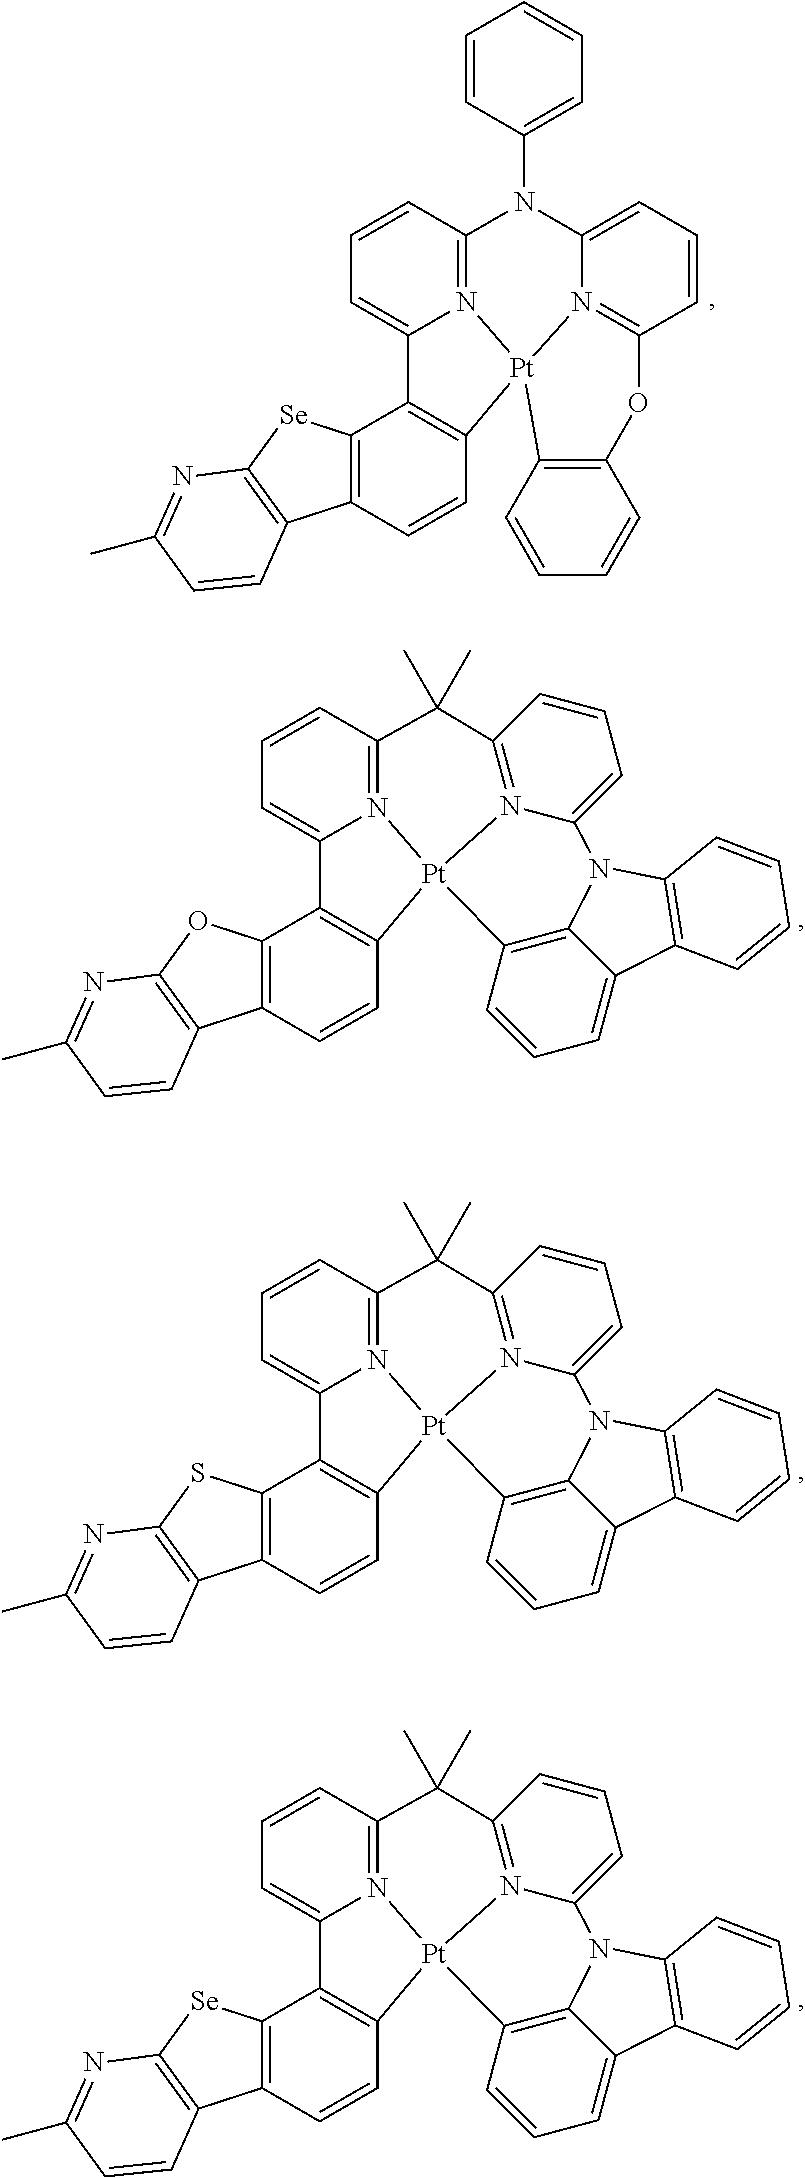 Figure US09871214-20180116-C00294